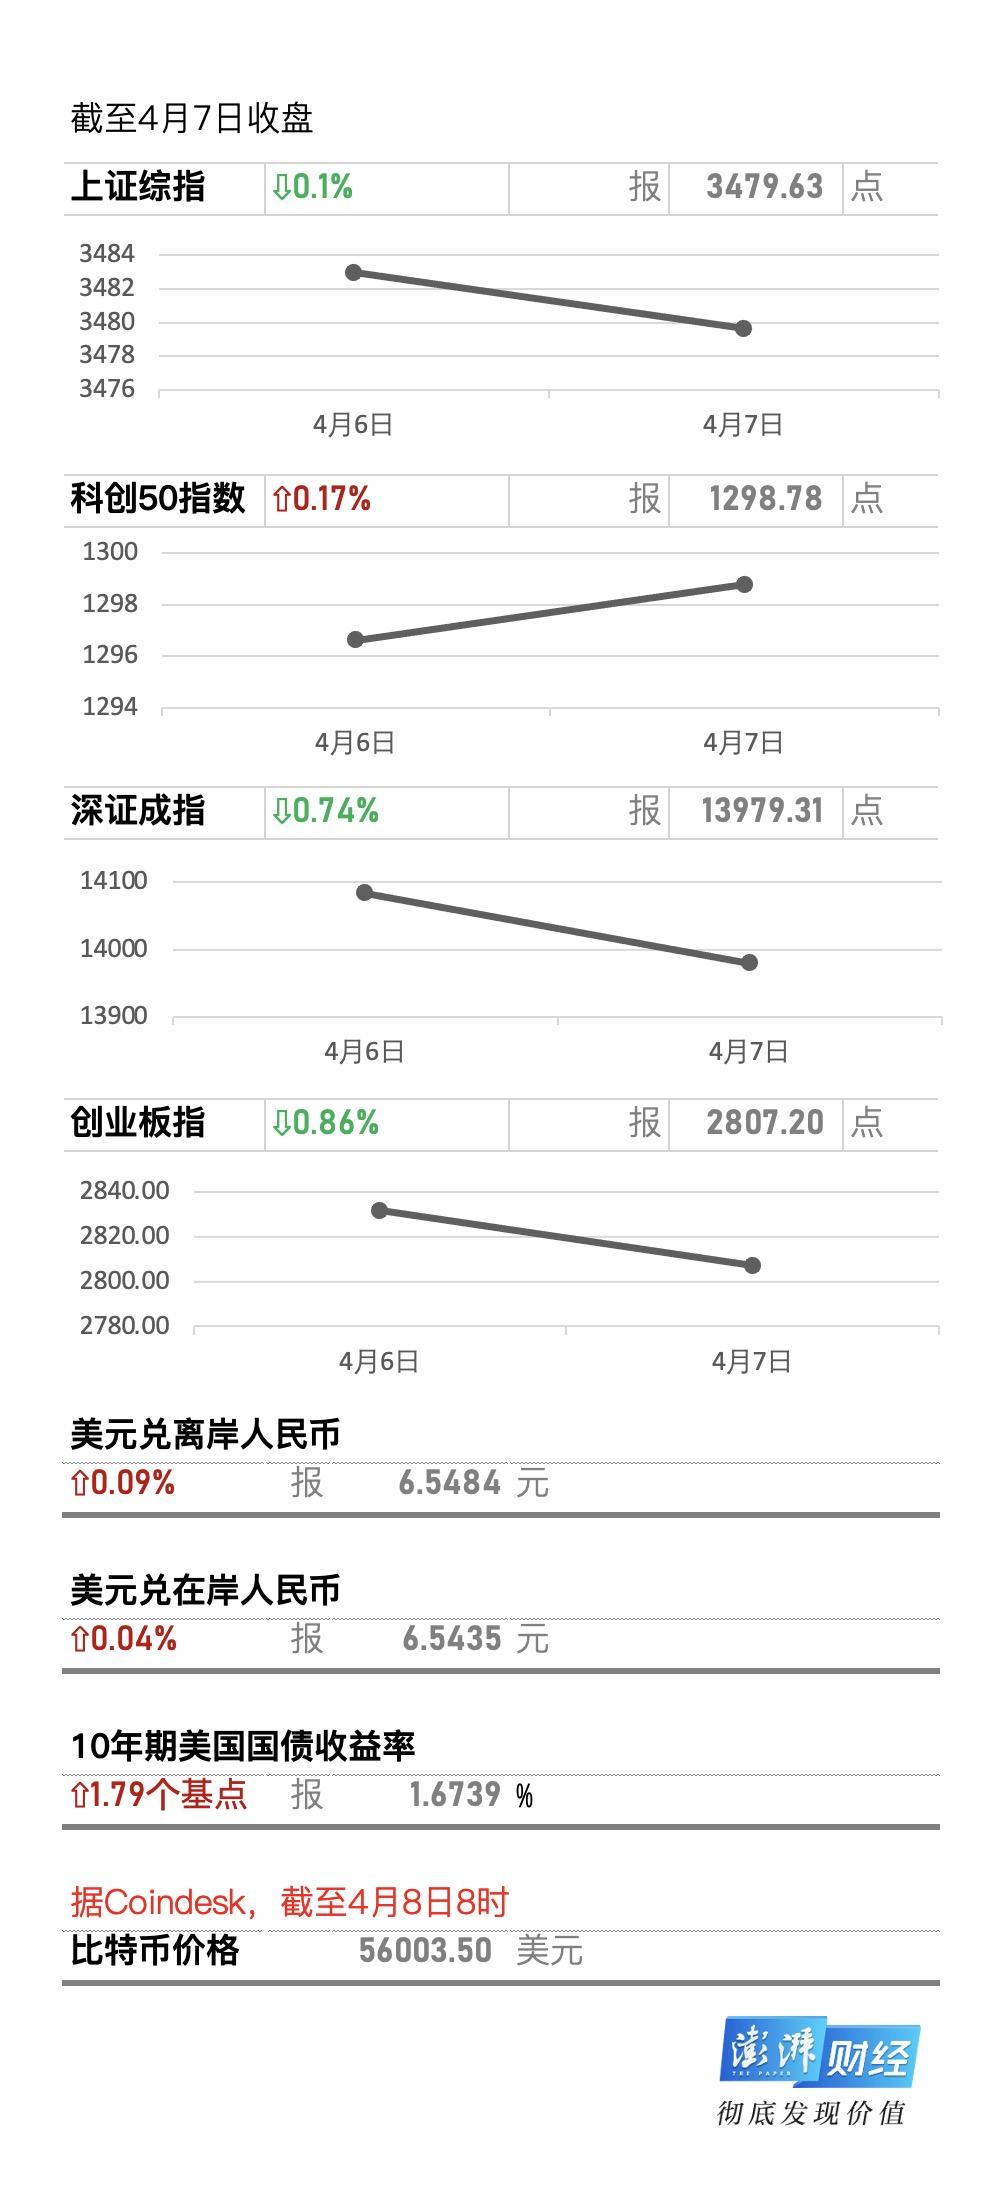 牛市早报 刘昆:积极推进印花税等税收立法,今日三股申购